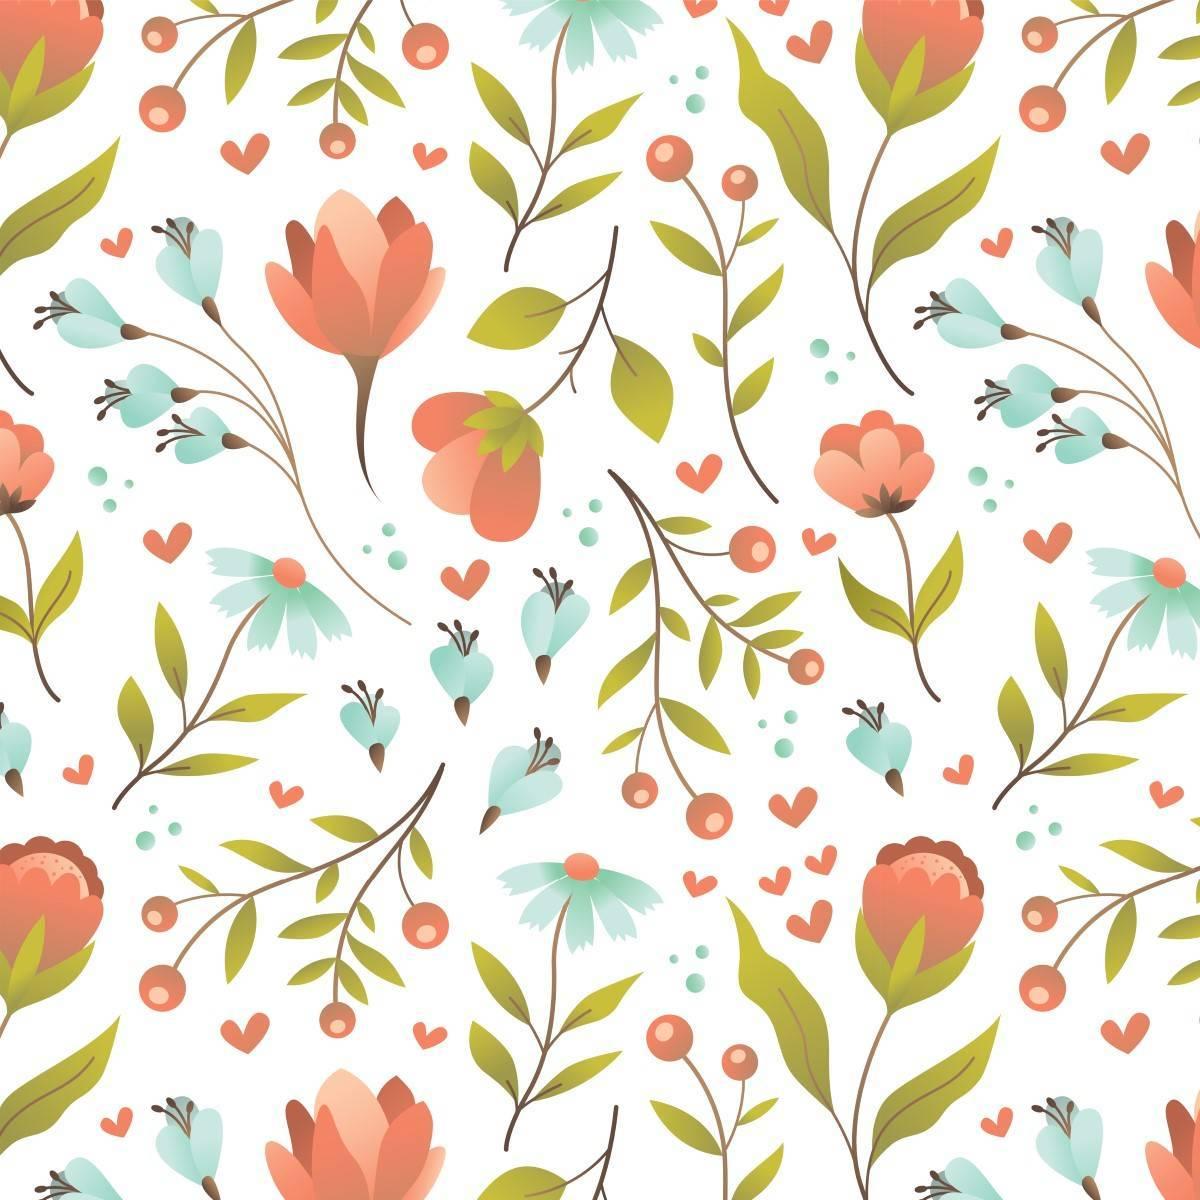 Papel de Parede Floral Infantil| Adesivo Vinílico imagem 1